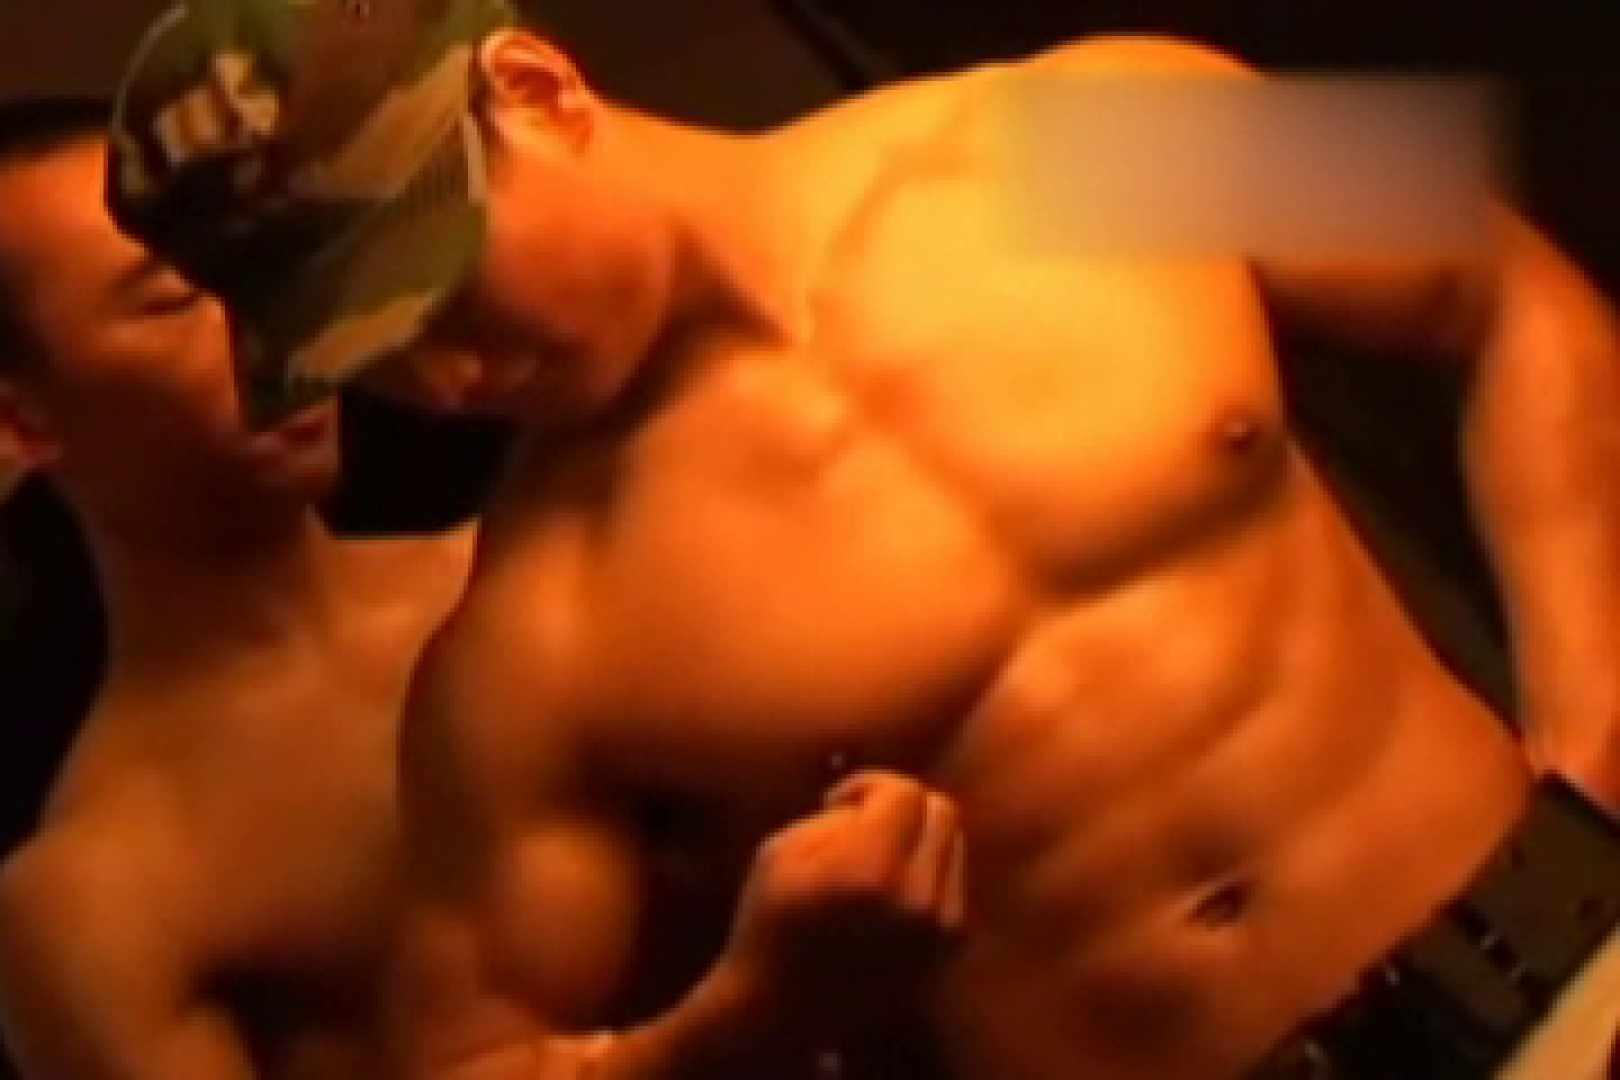 流出!!メンズスーパーモデル達のヌードinChina vol3 メンズモデル ゲイセックス画像 84画像 63